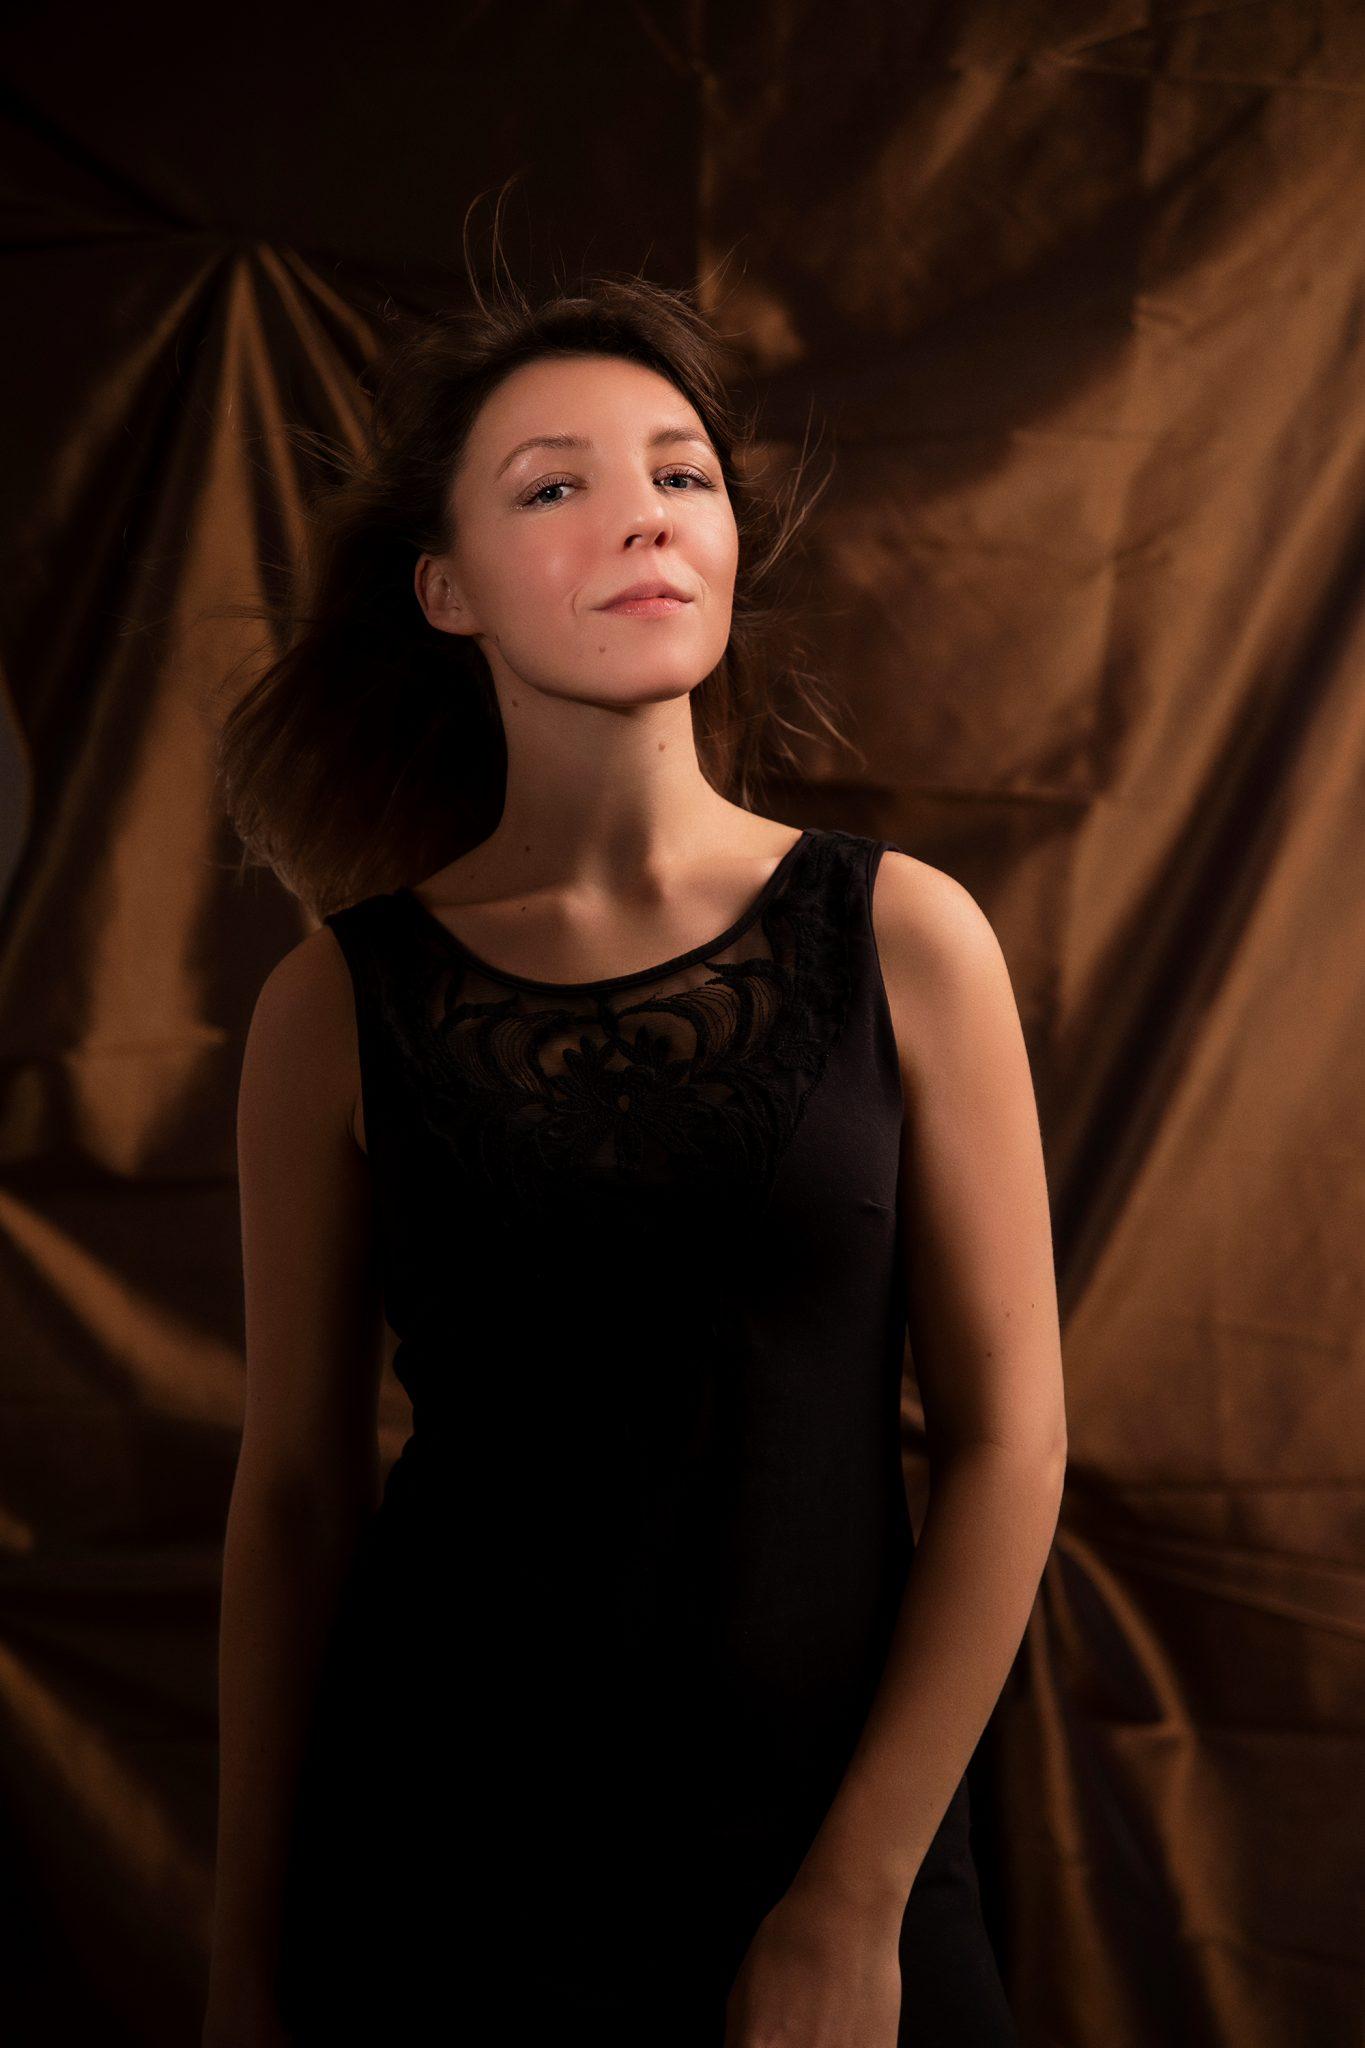 Uliana, studio, muotokuva, valokuvaaja, portrait, valokuvaus